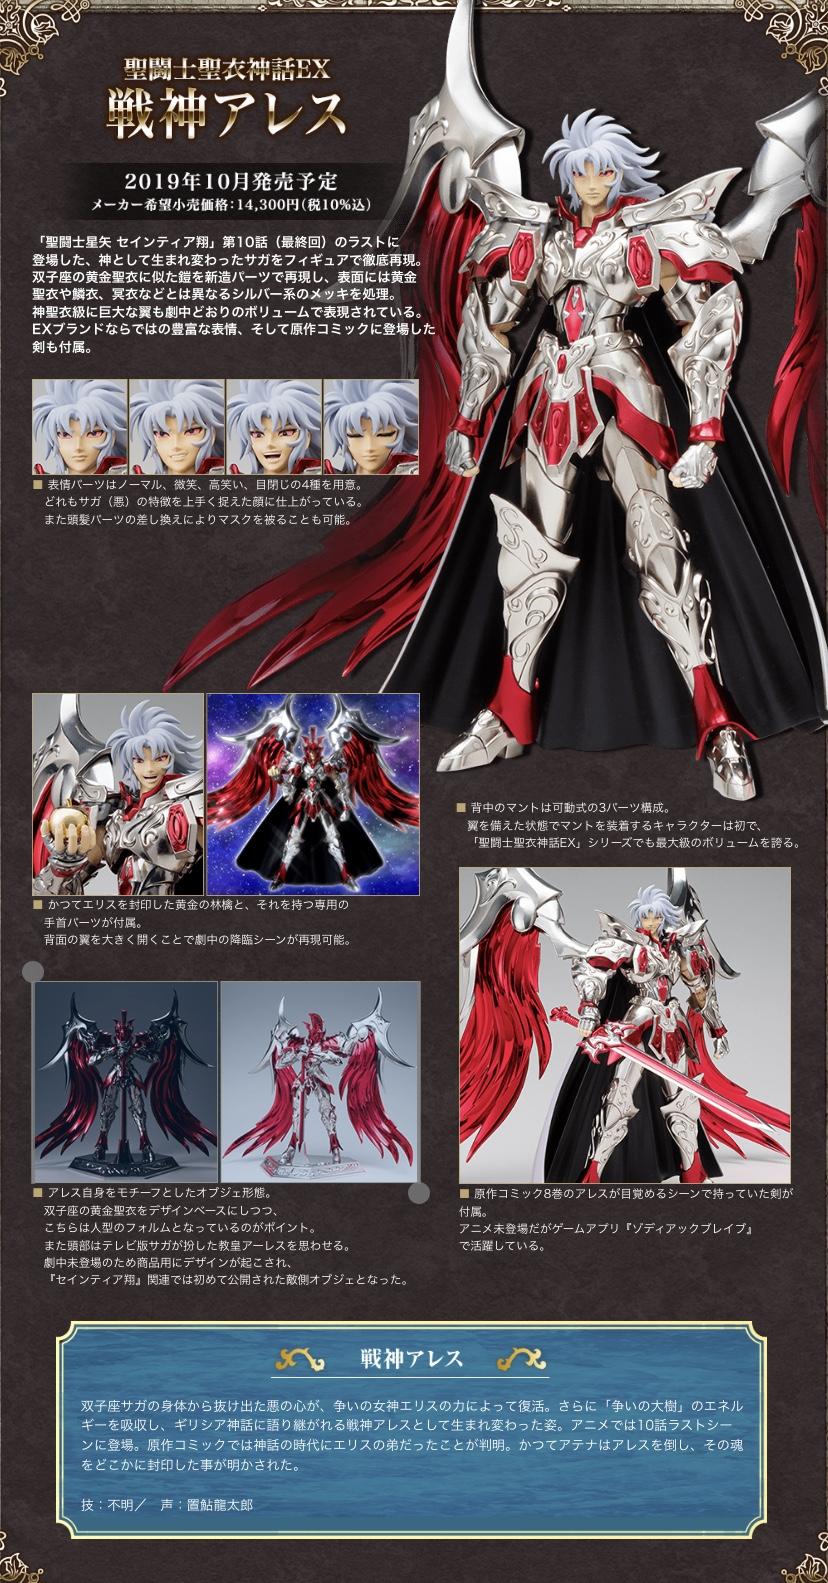 [Comentário] Saint Cloth Myth EX - Deus Ares Sainthia Sho 23ebcc10